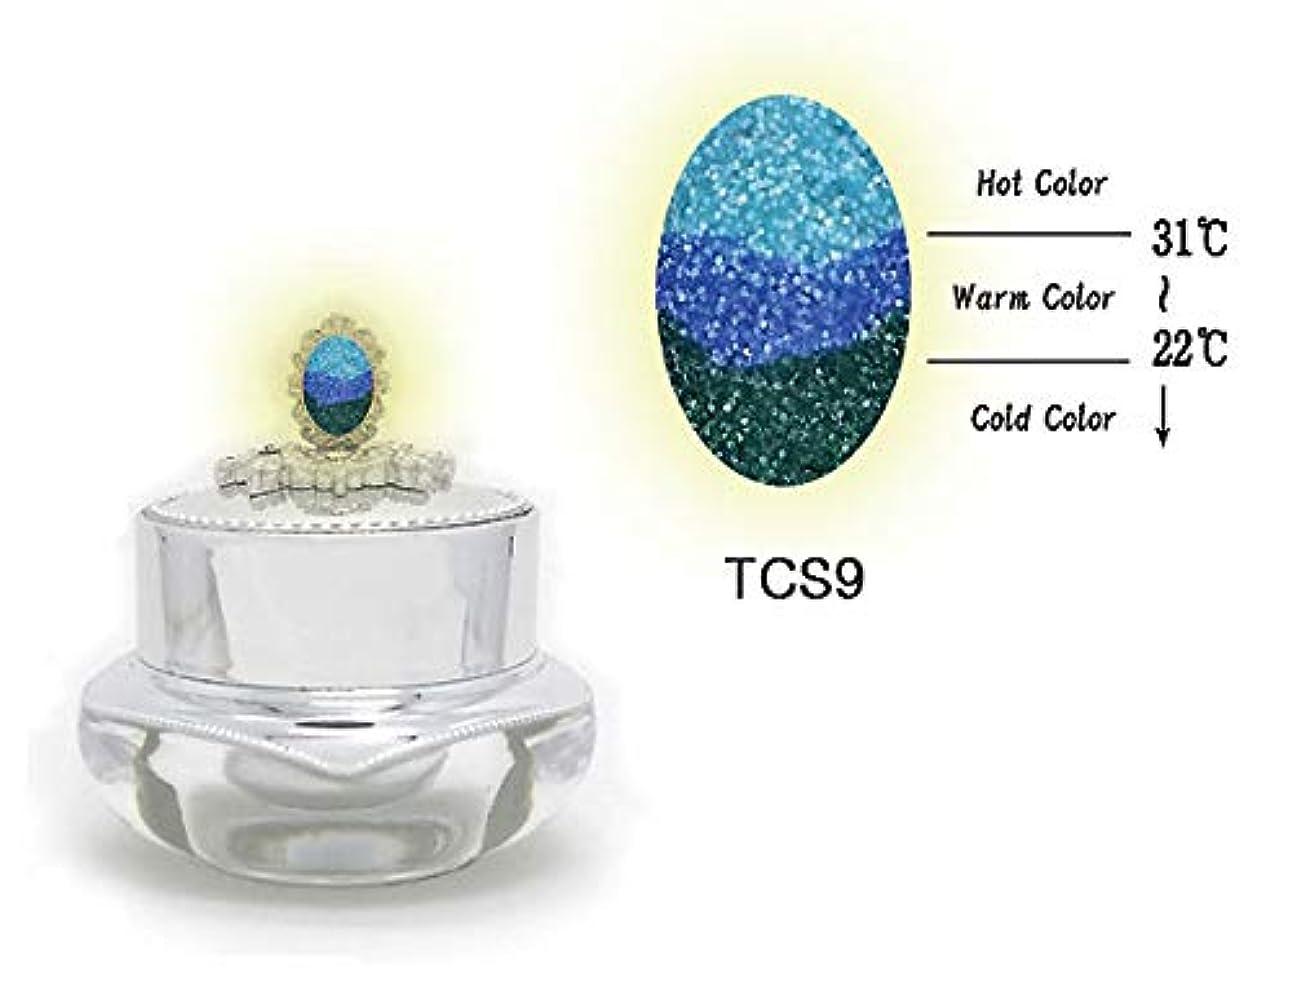 優雅阻害するお別れKENZICO (ケンジコ) Triple Sugar Gel一般用3g 【TCS9】 3つの色に変わる夜光ジェル トリプルシュガージェル